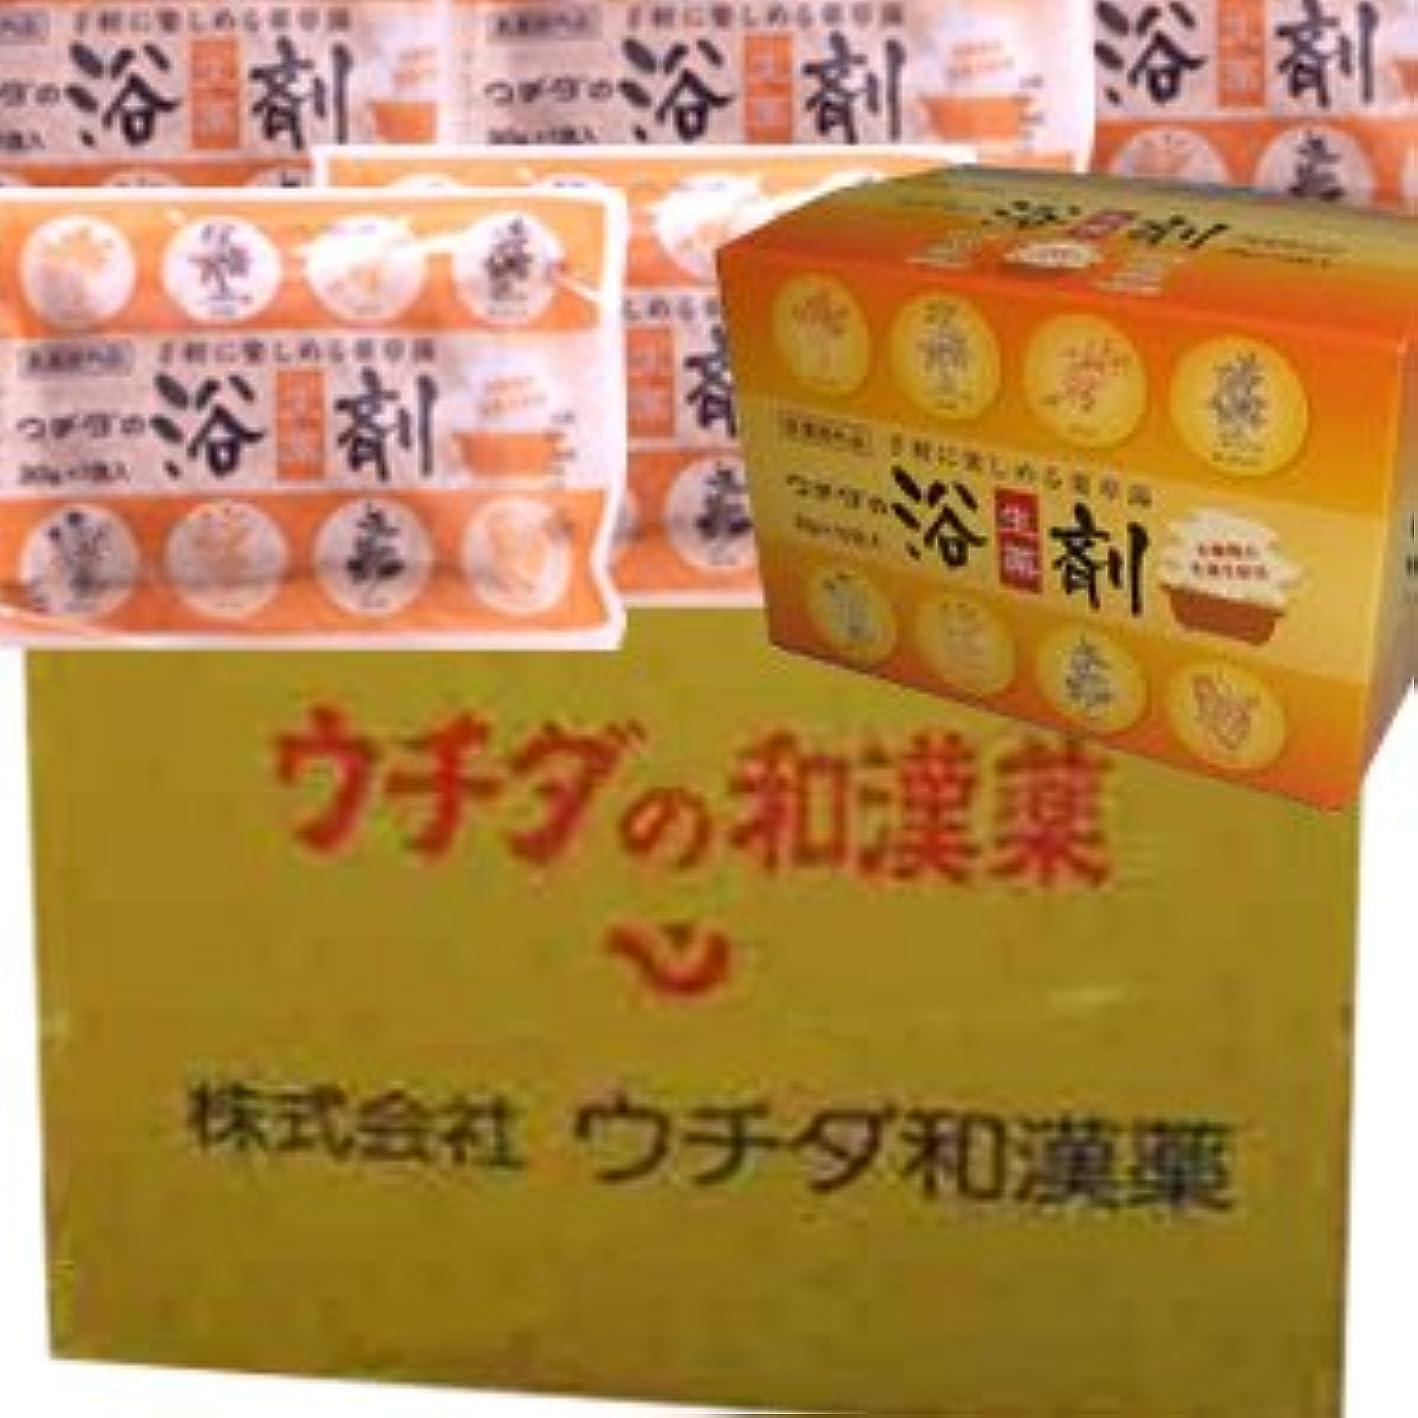 いらいらさせるストレッチ買い手【12個1ケース】 ウチダの浴剤 30g×10袋入×12個+6袋 (4987359400025)